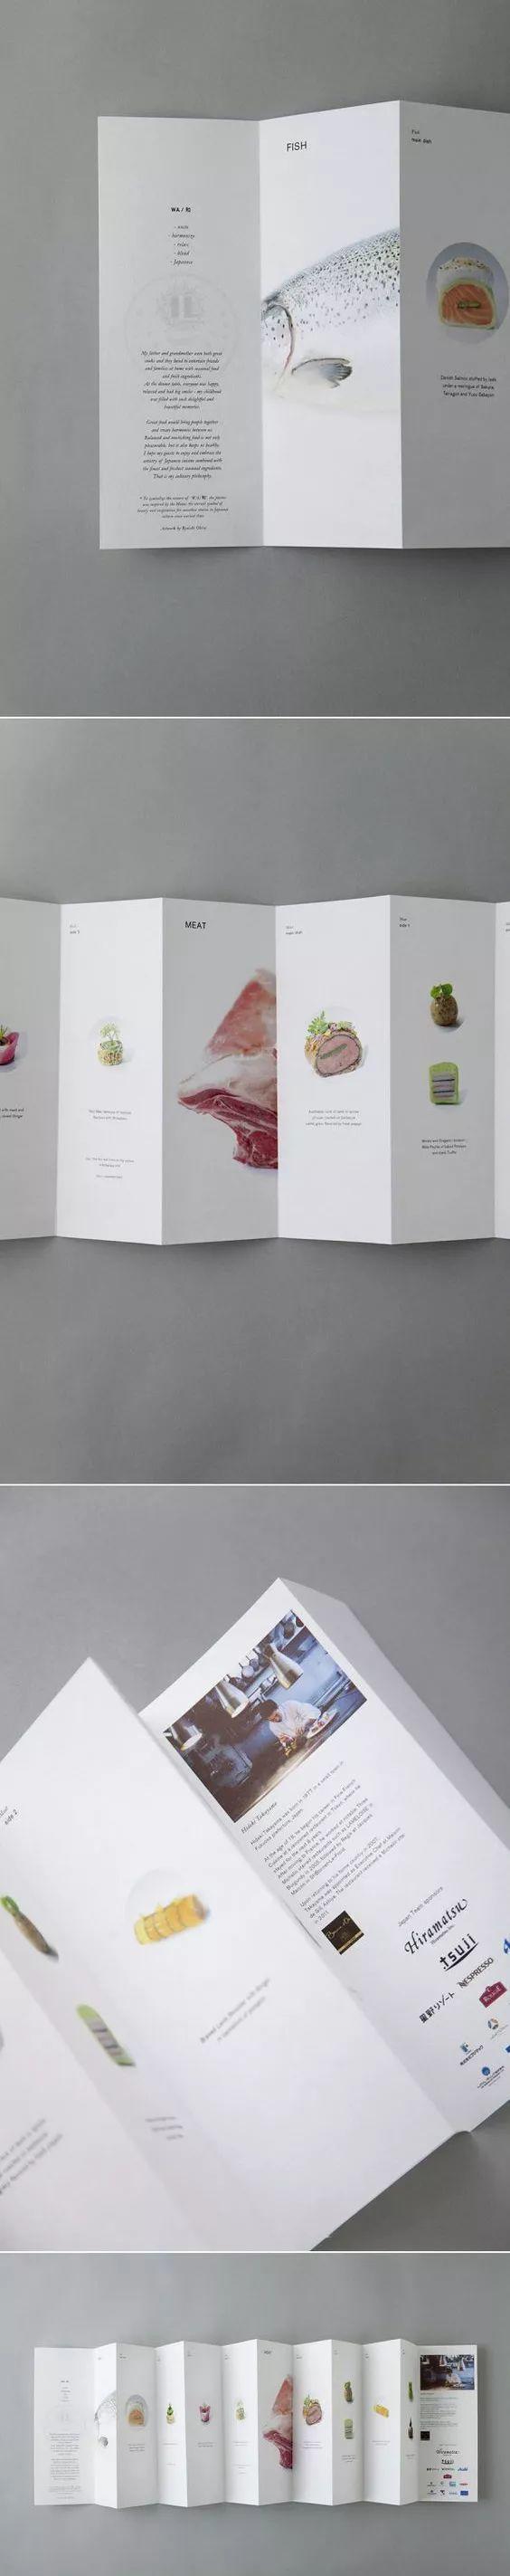 32款精美排版的折页版式设计